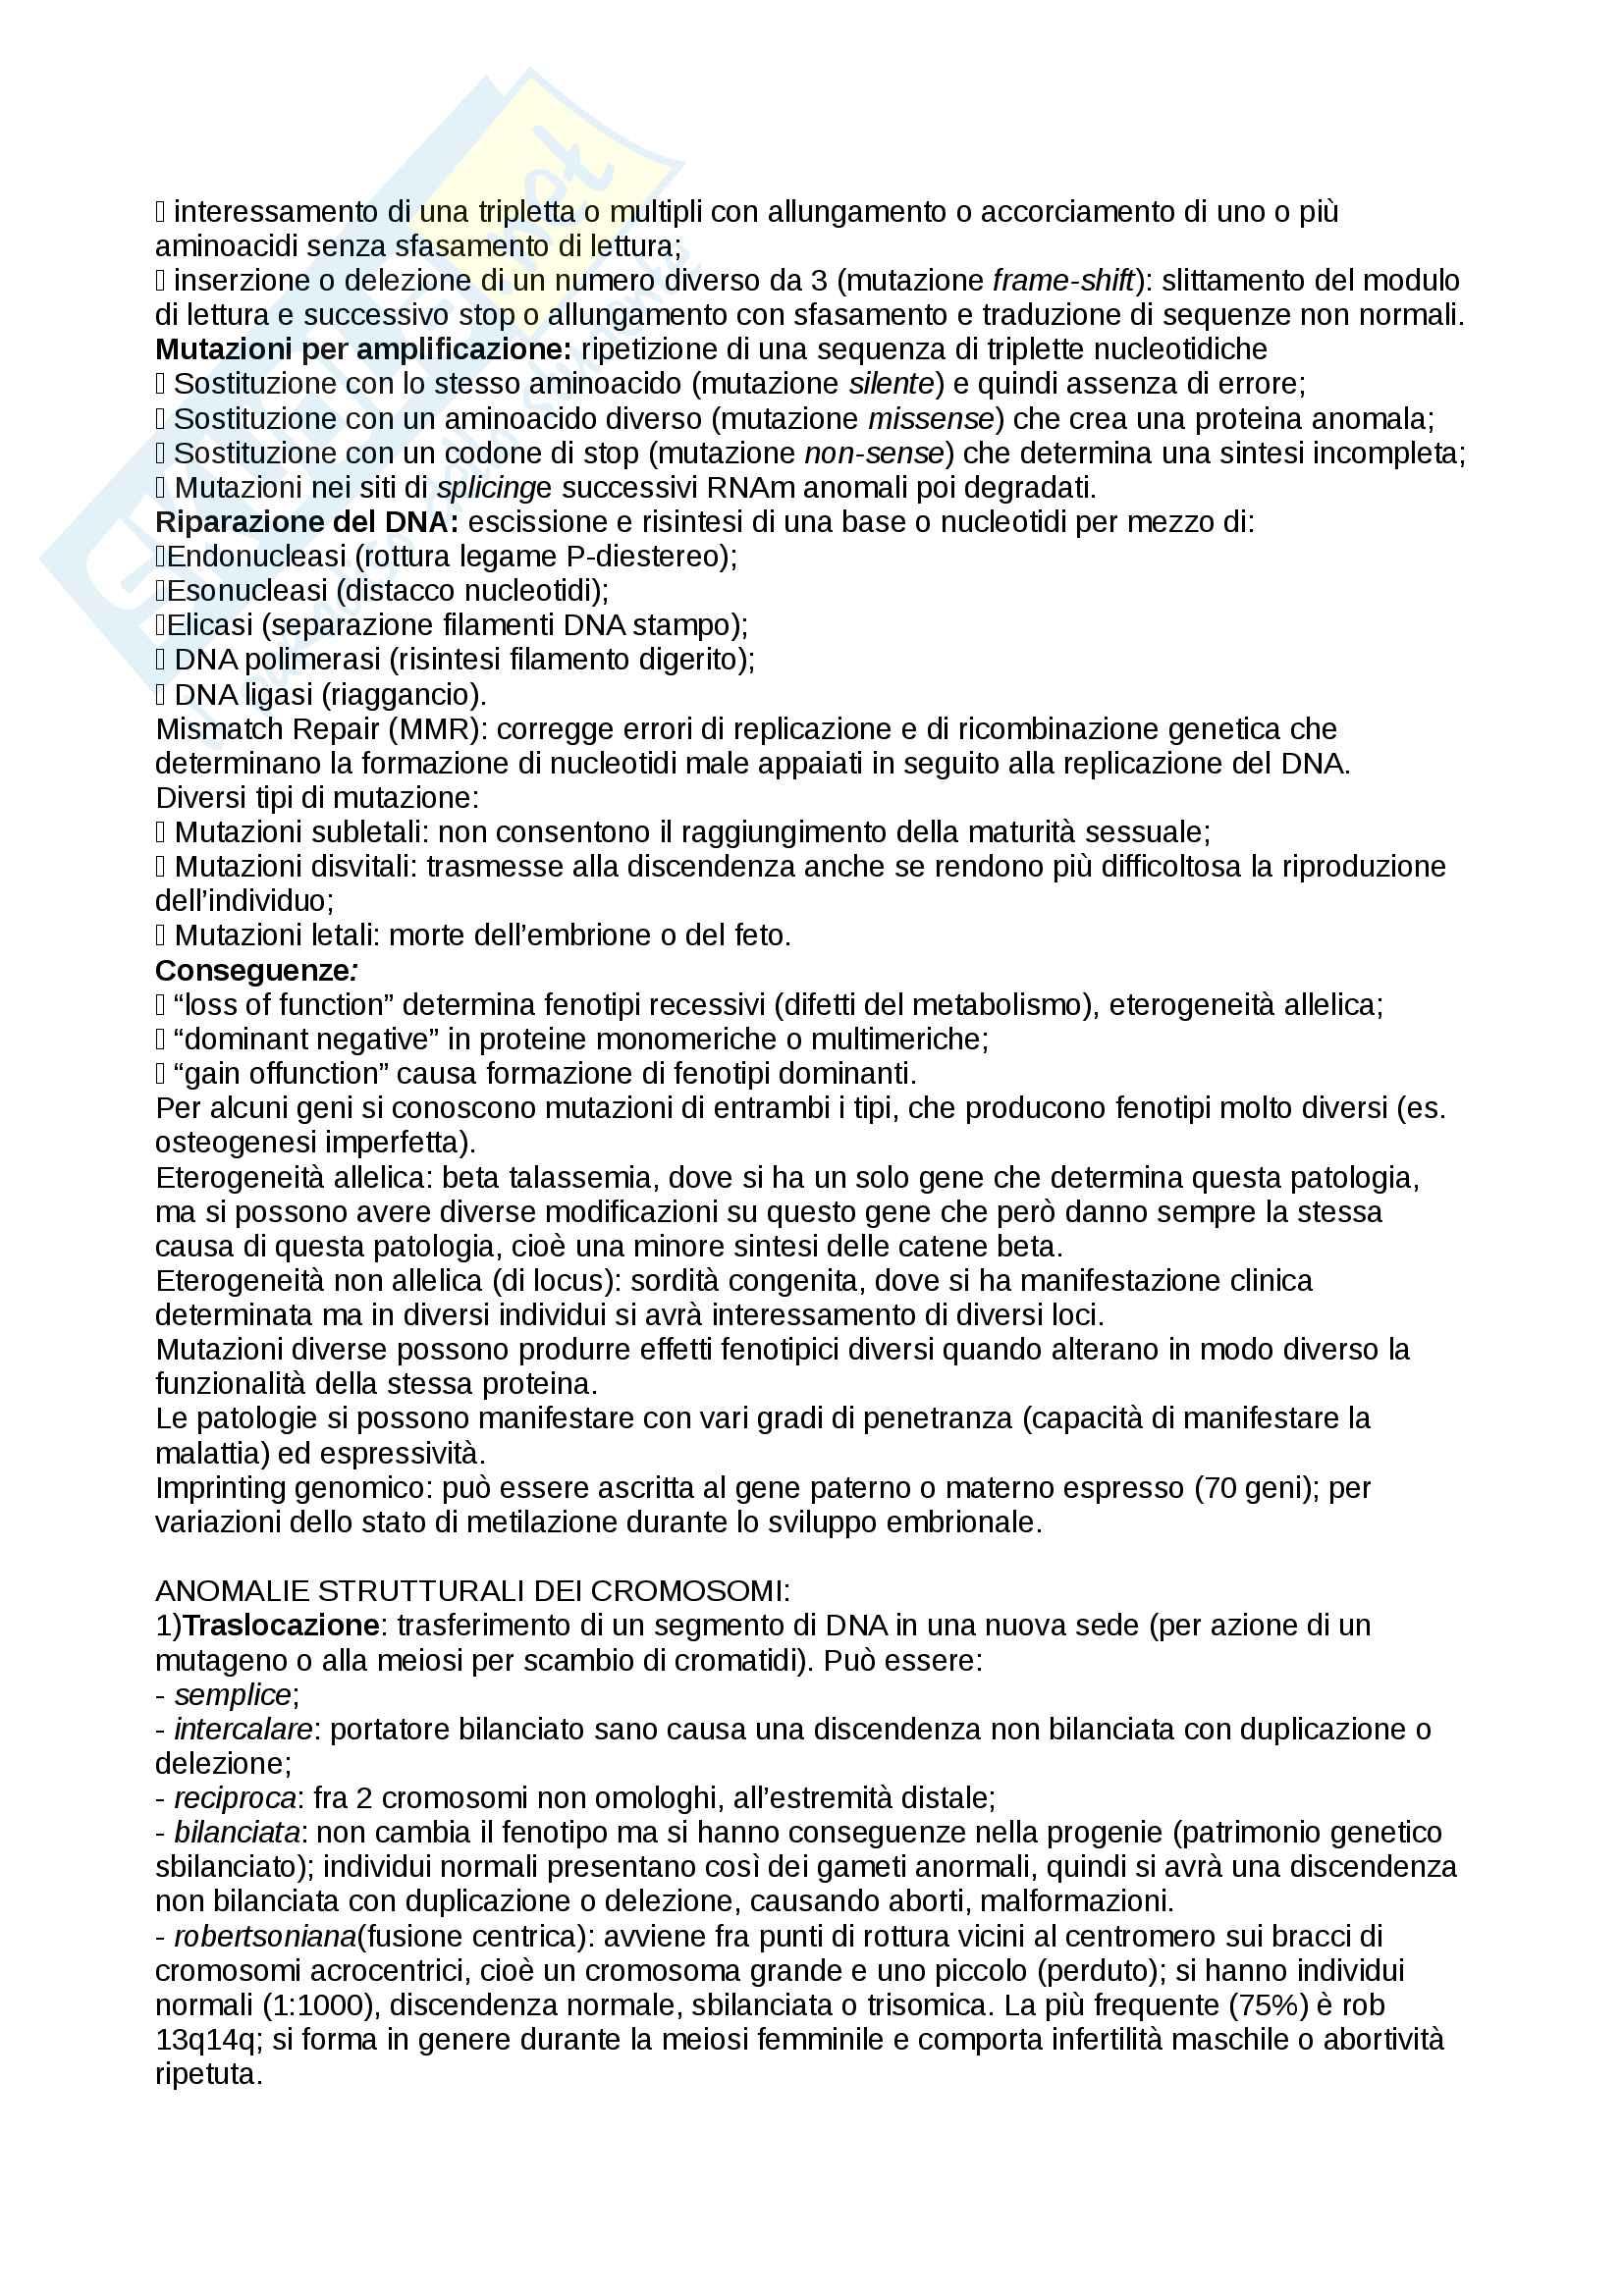 Malattie genetiche Pag. 2